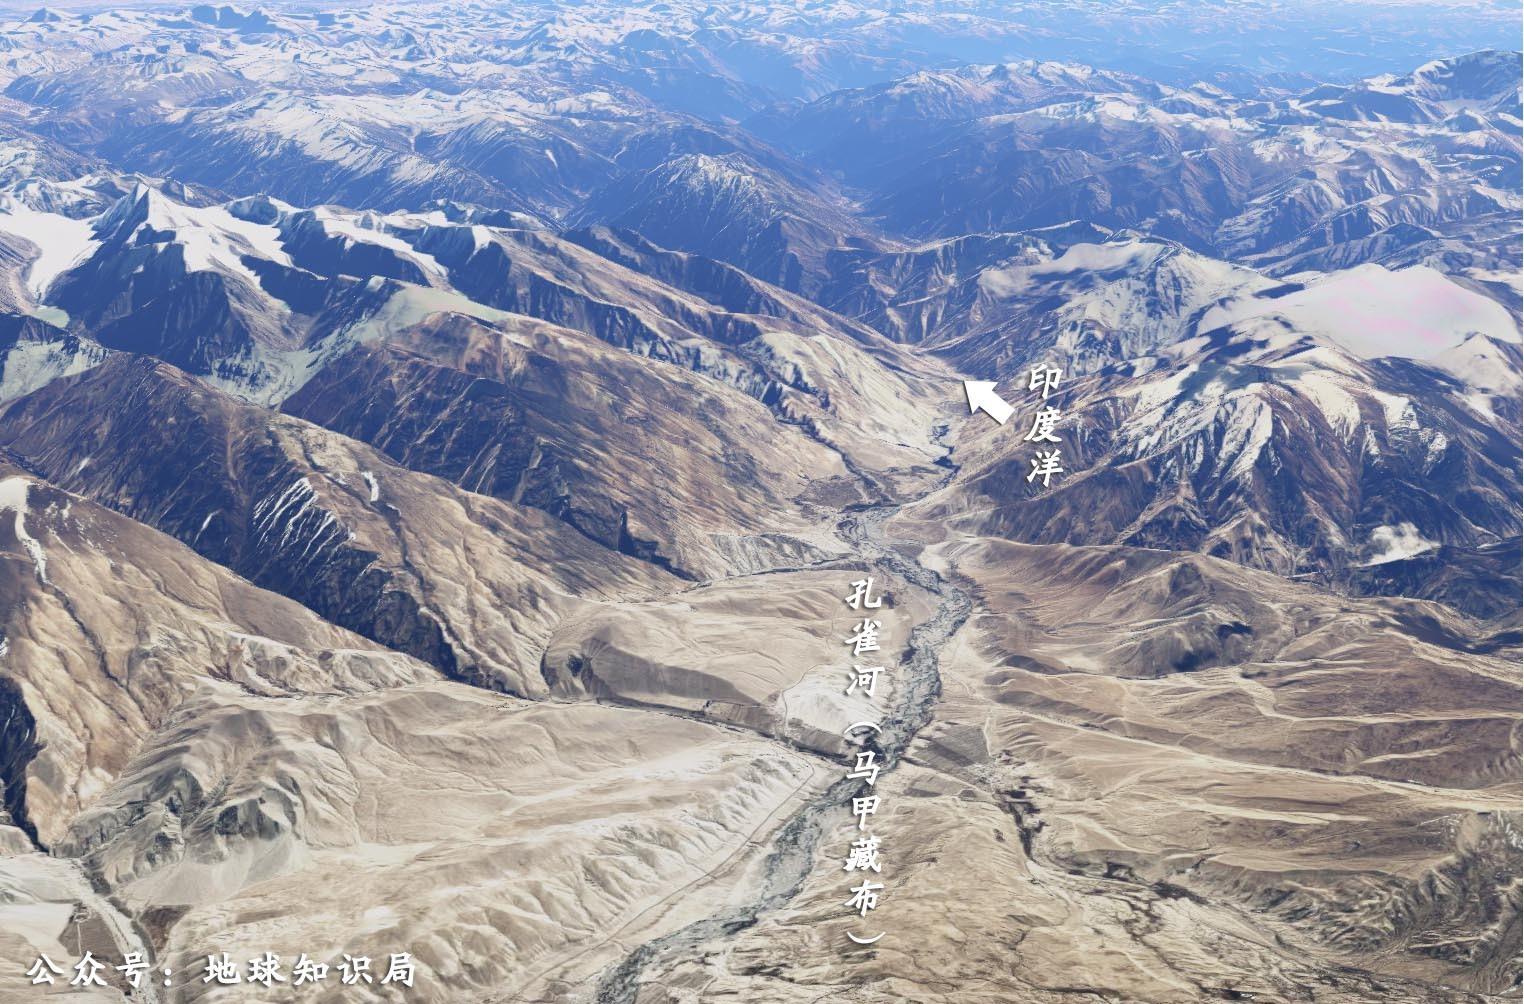 西藏最著名的圣山,为什么连印度人都服?地球知